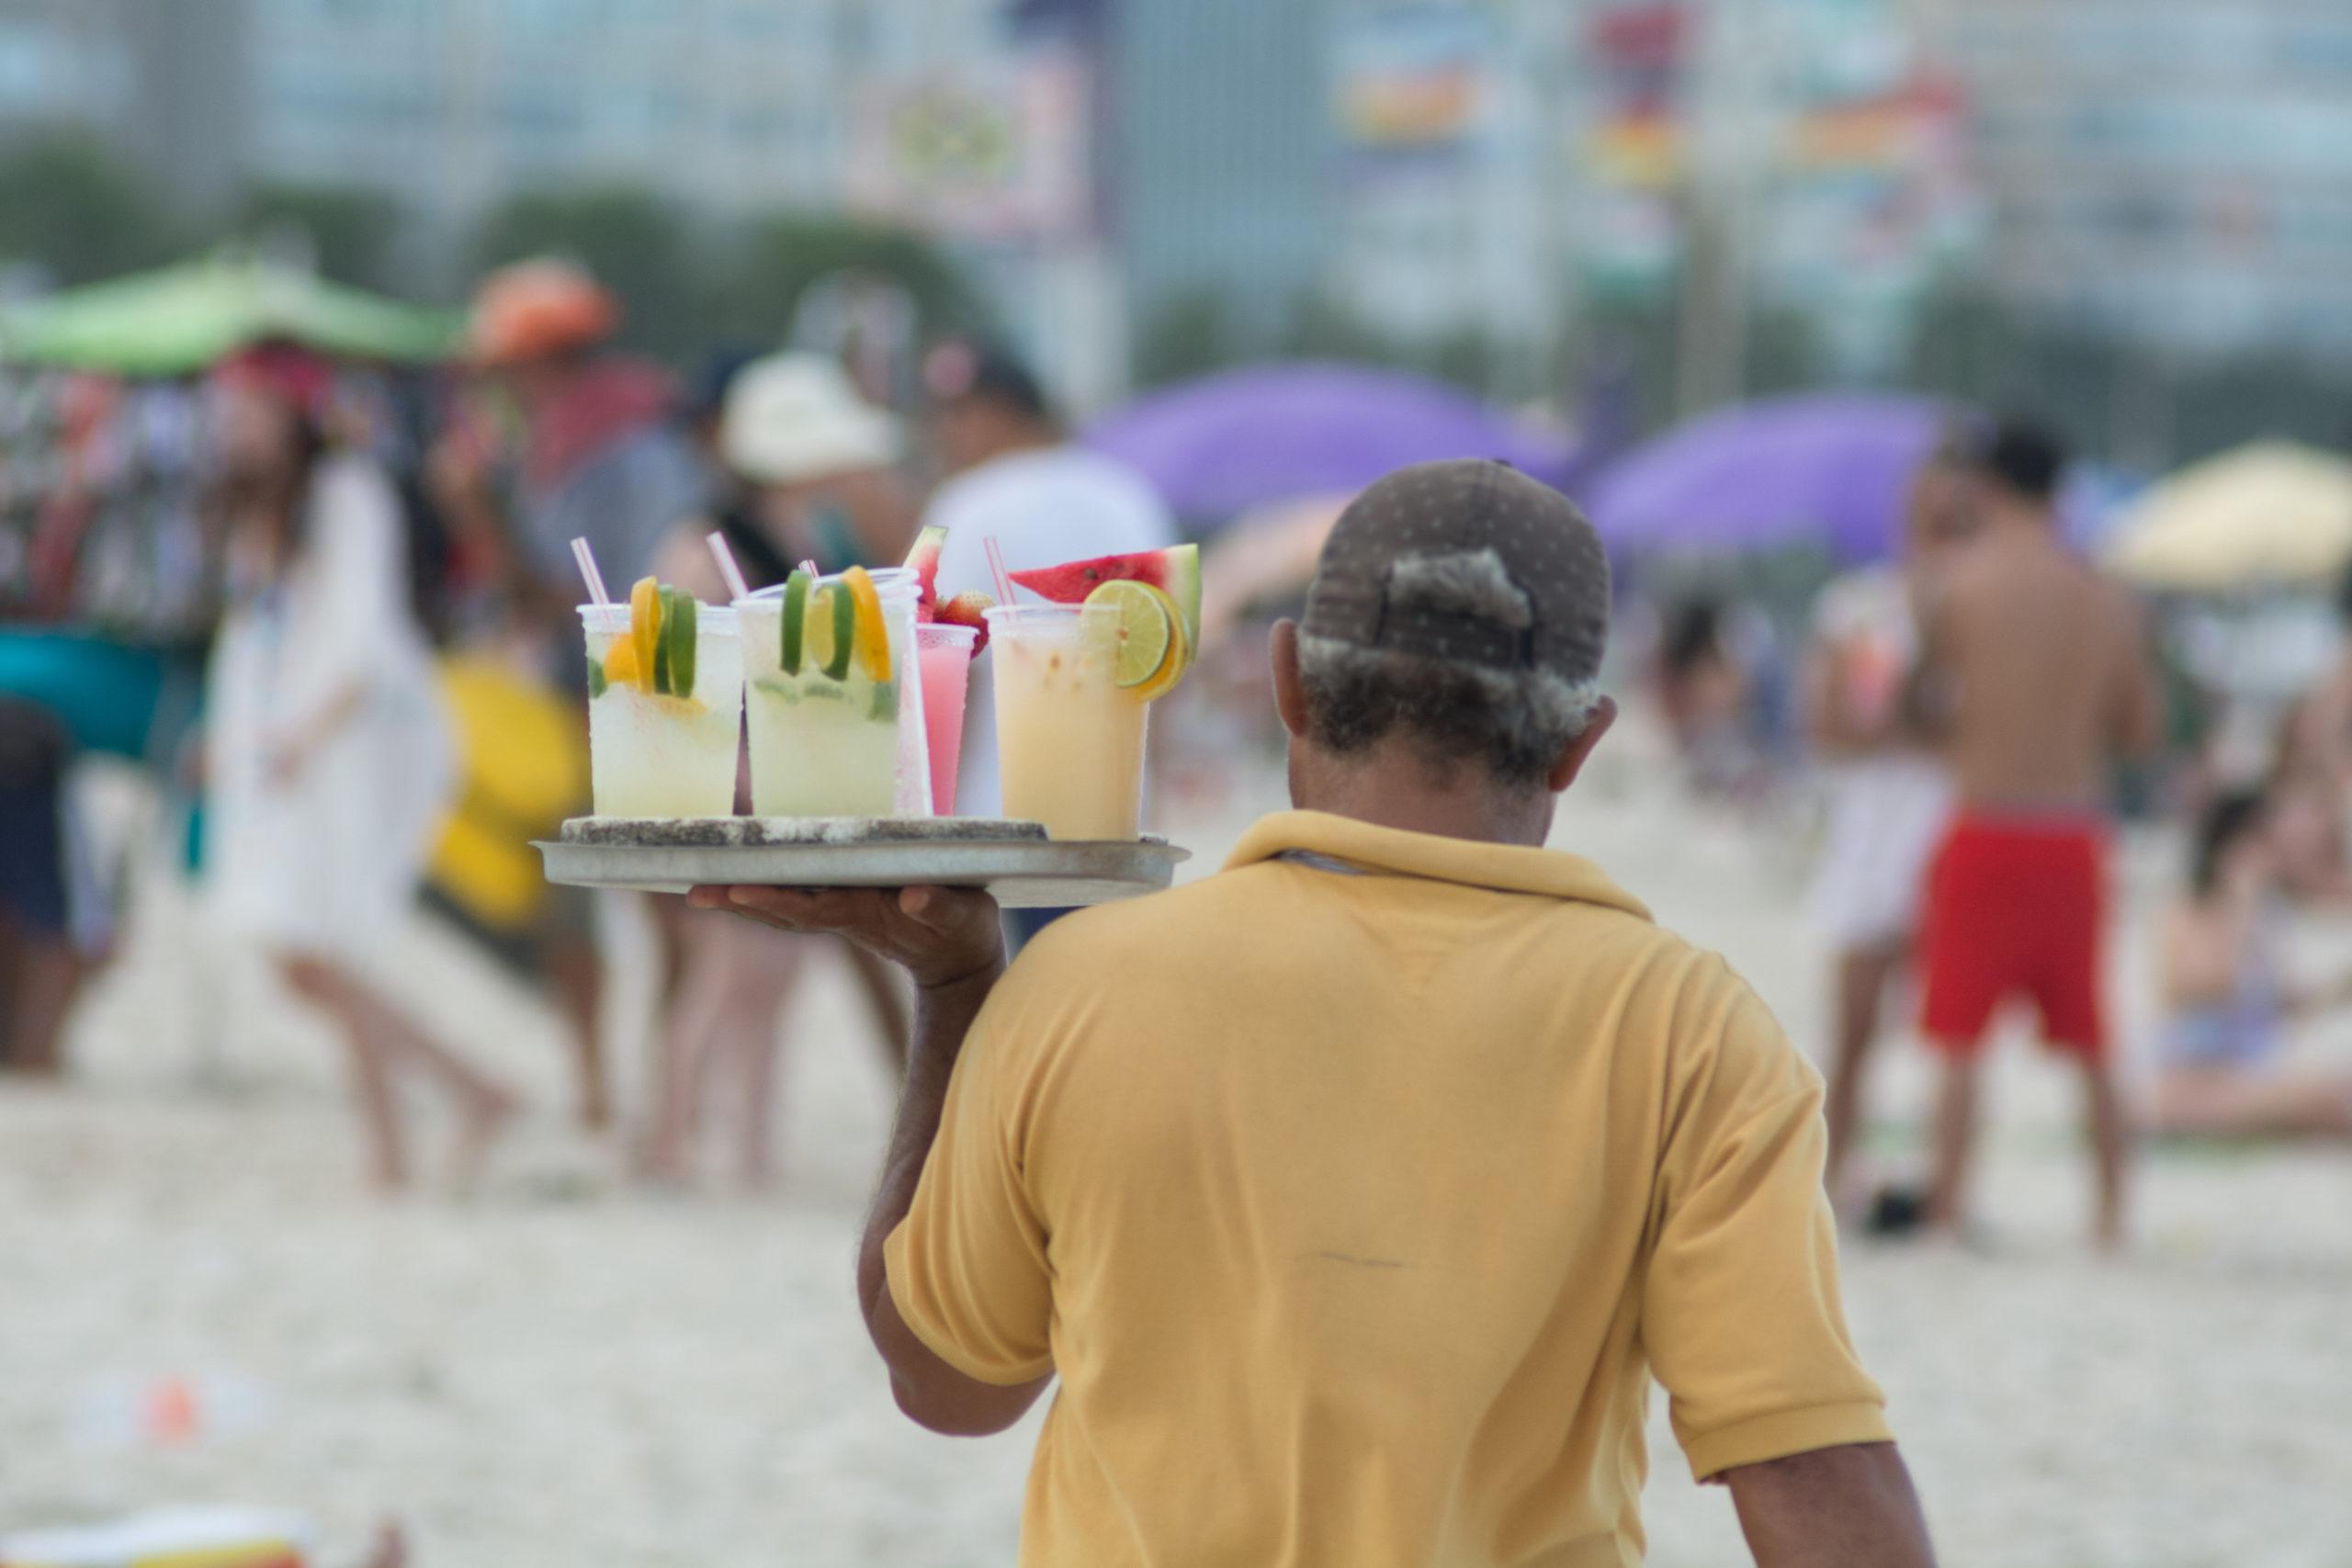 Vendeur de Caïpirinha à Rio